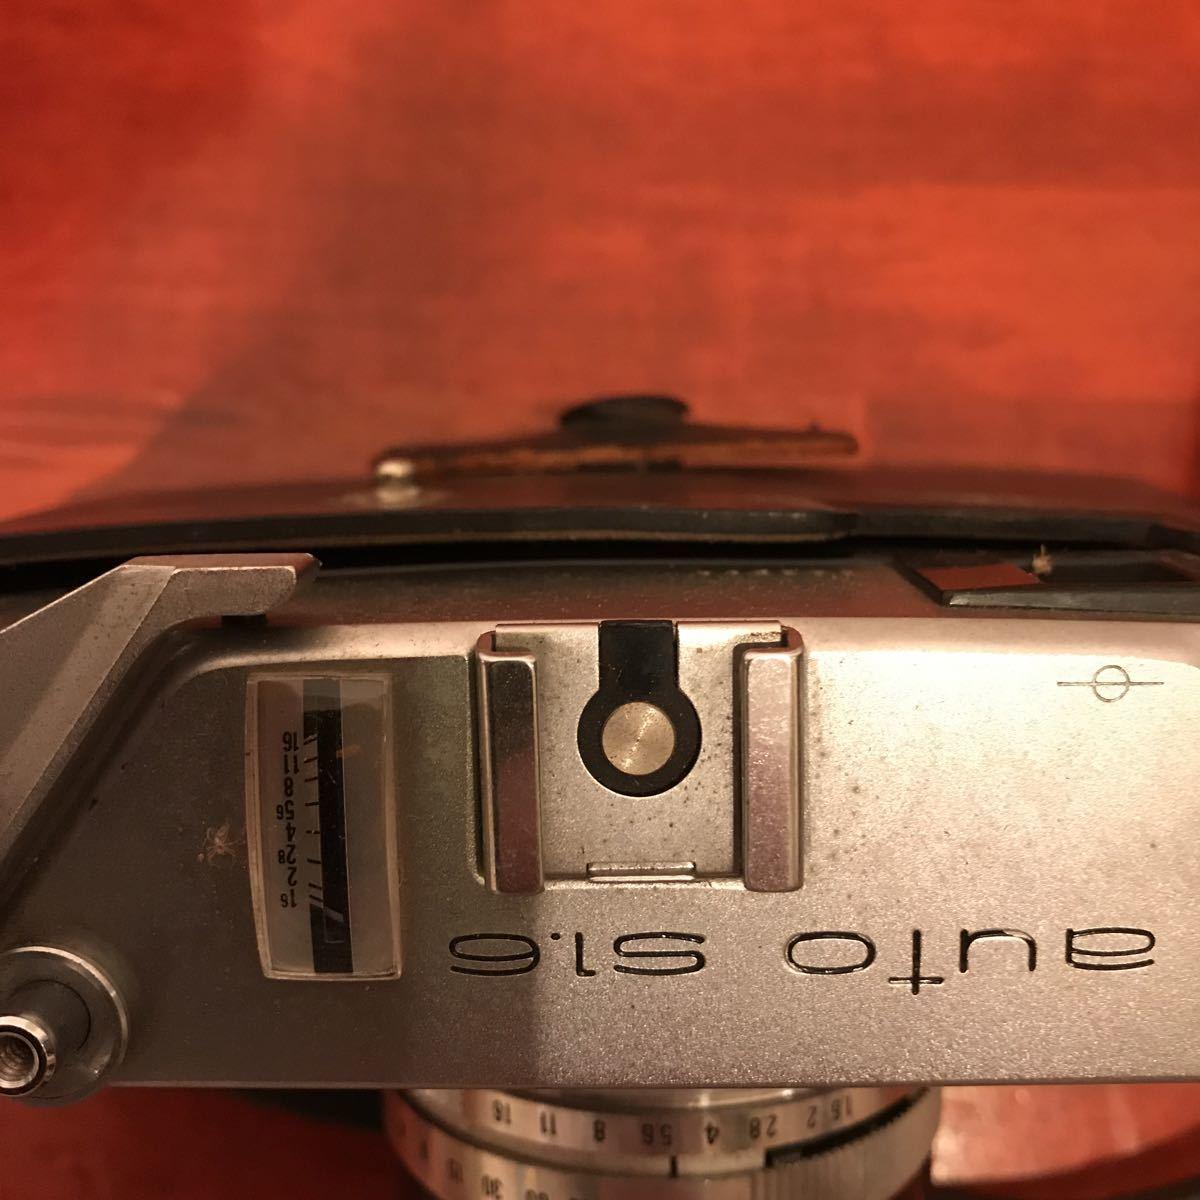 ★☆カメラ★☆KONICA コニカ AUTO S1.6 レンズ HEXANON 1:1.6 f=45mm_画像4